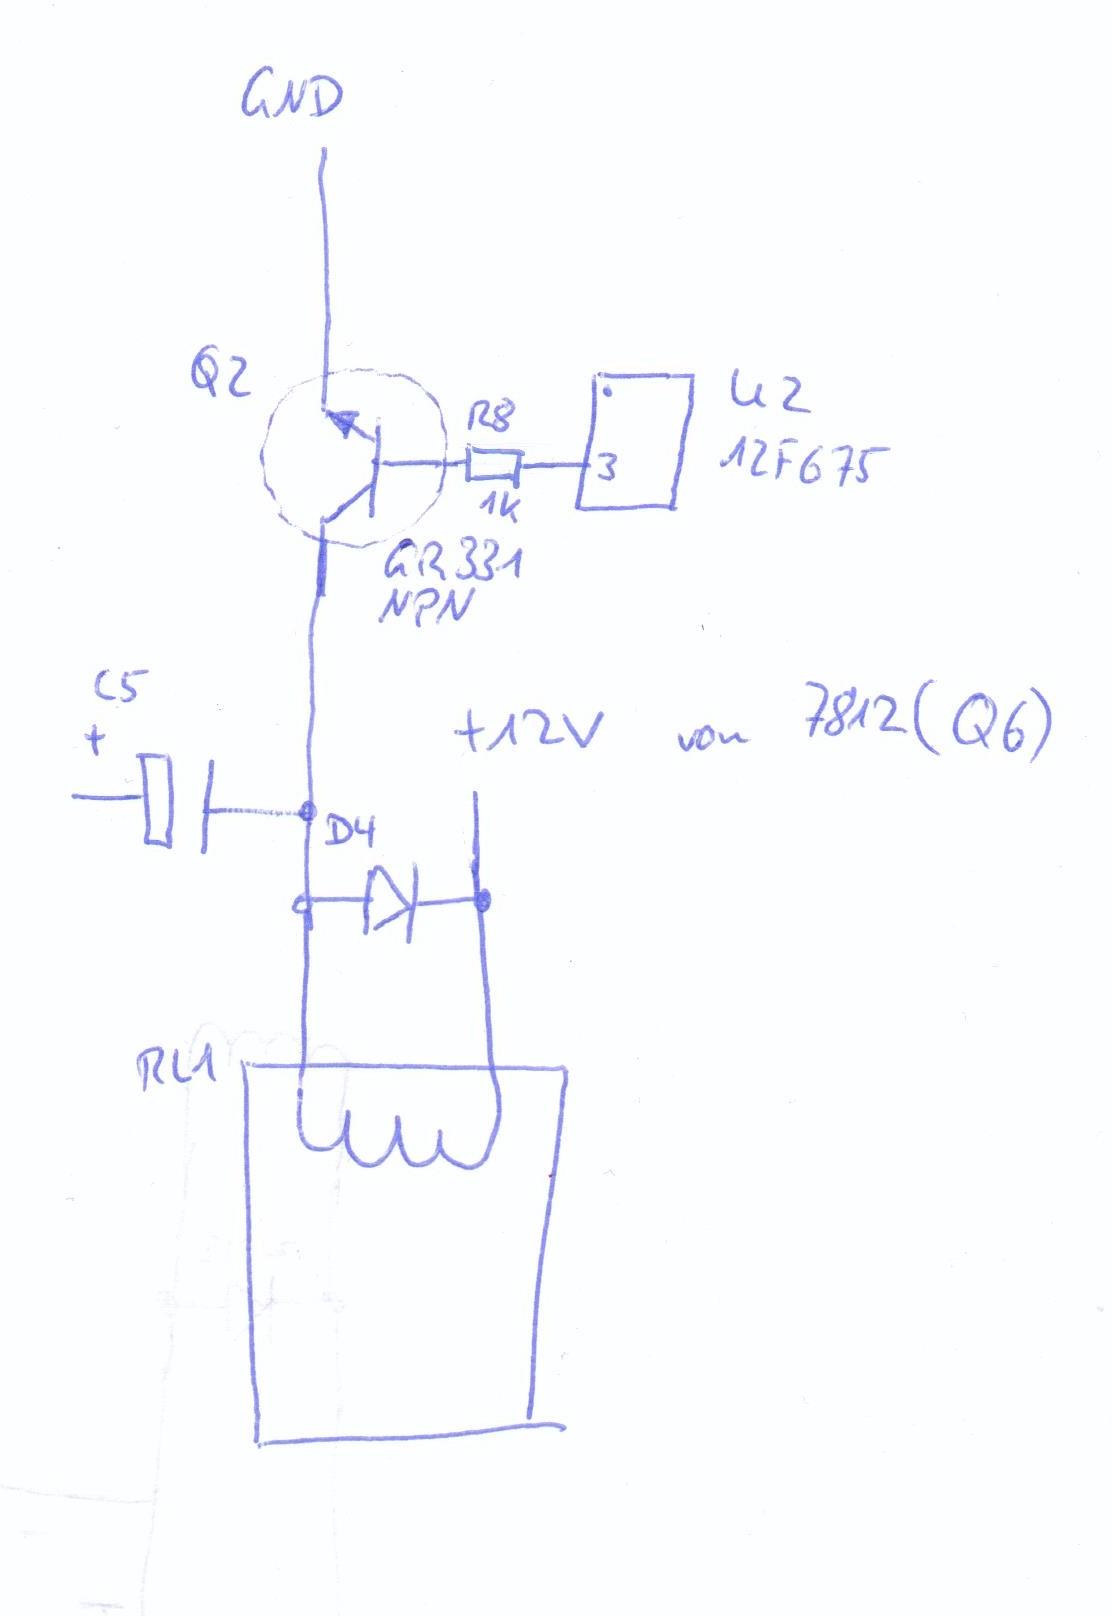 Tolle Nebelmaschine Schaltplan Bilder - Der Schaltplan - triangre.info